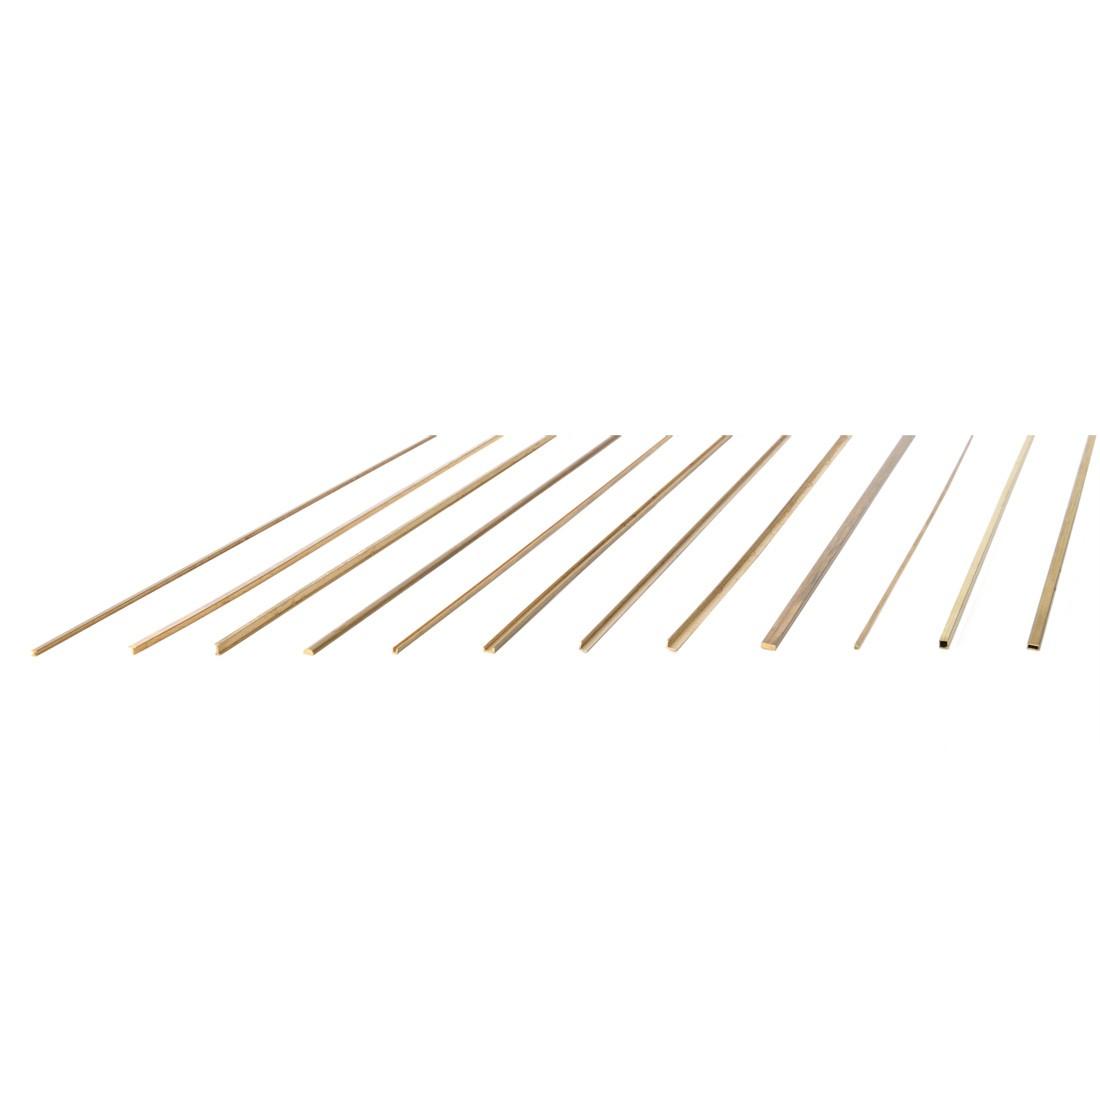 Microsecciones de latón 5x2x500.